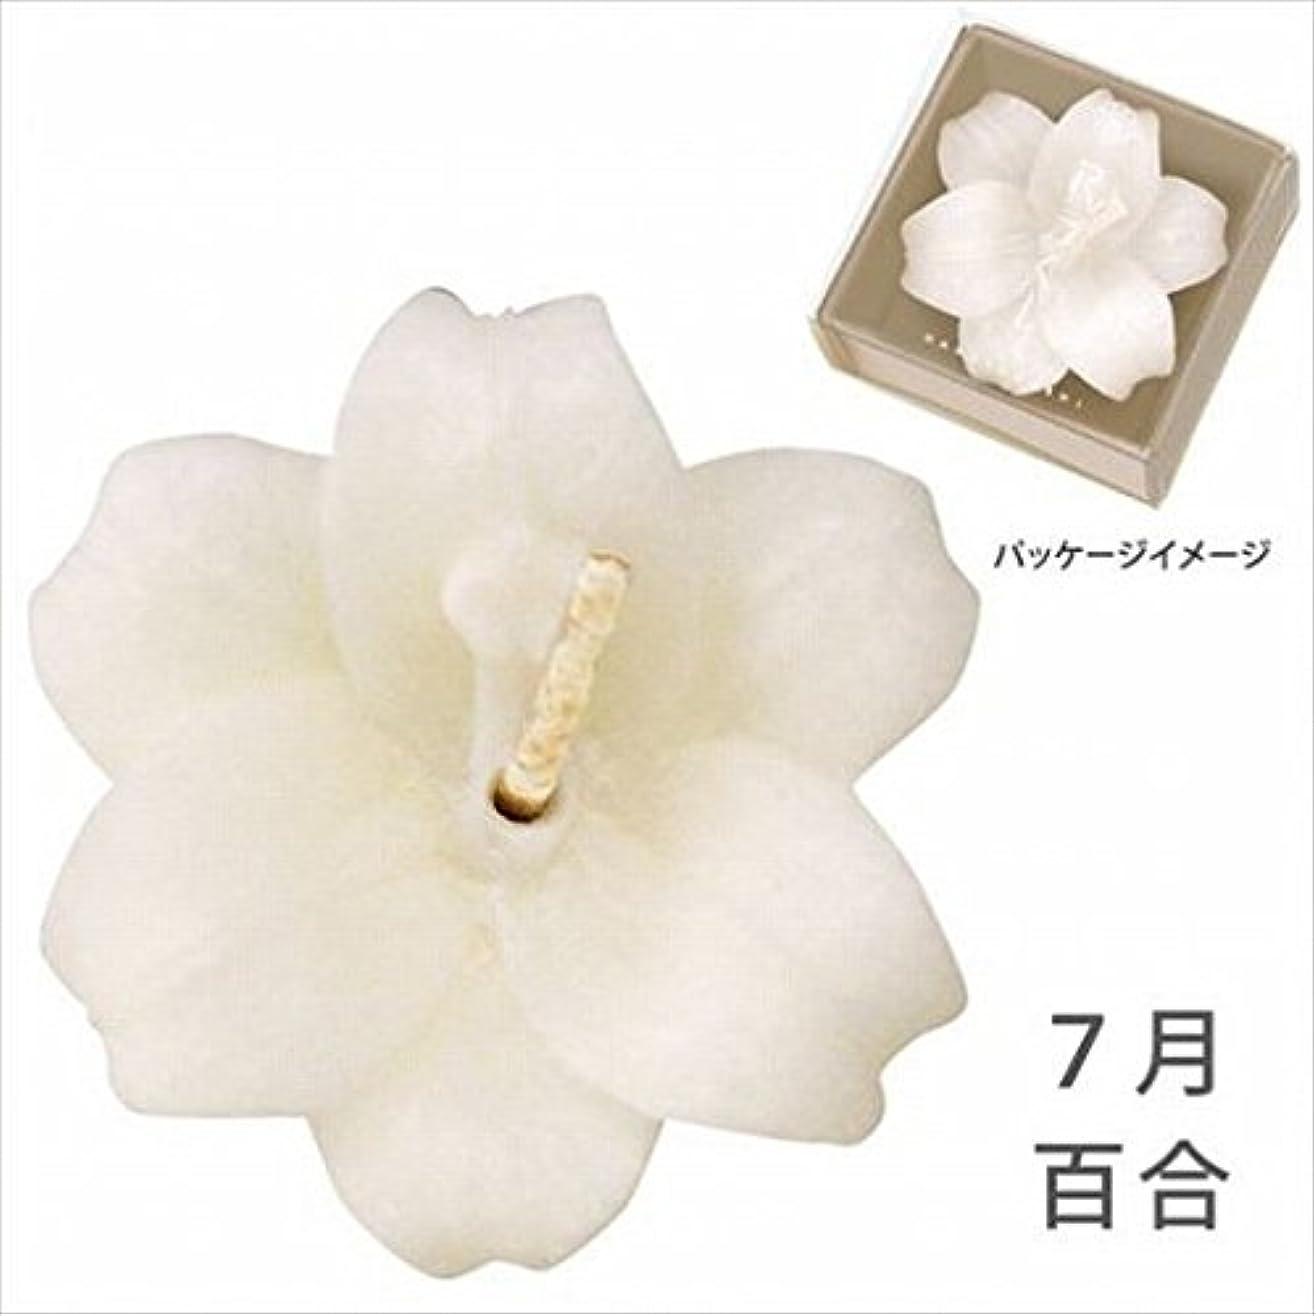 マザーランド想定ホテルkameyama candle(カメヤマキャンドル) 花づくし(植物性) 百合 「 百合(7月) 」 キャンドル(A4620580)